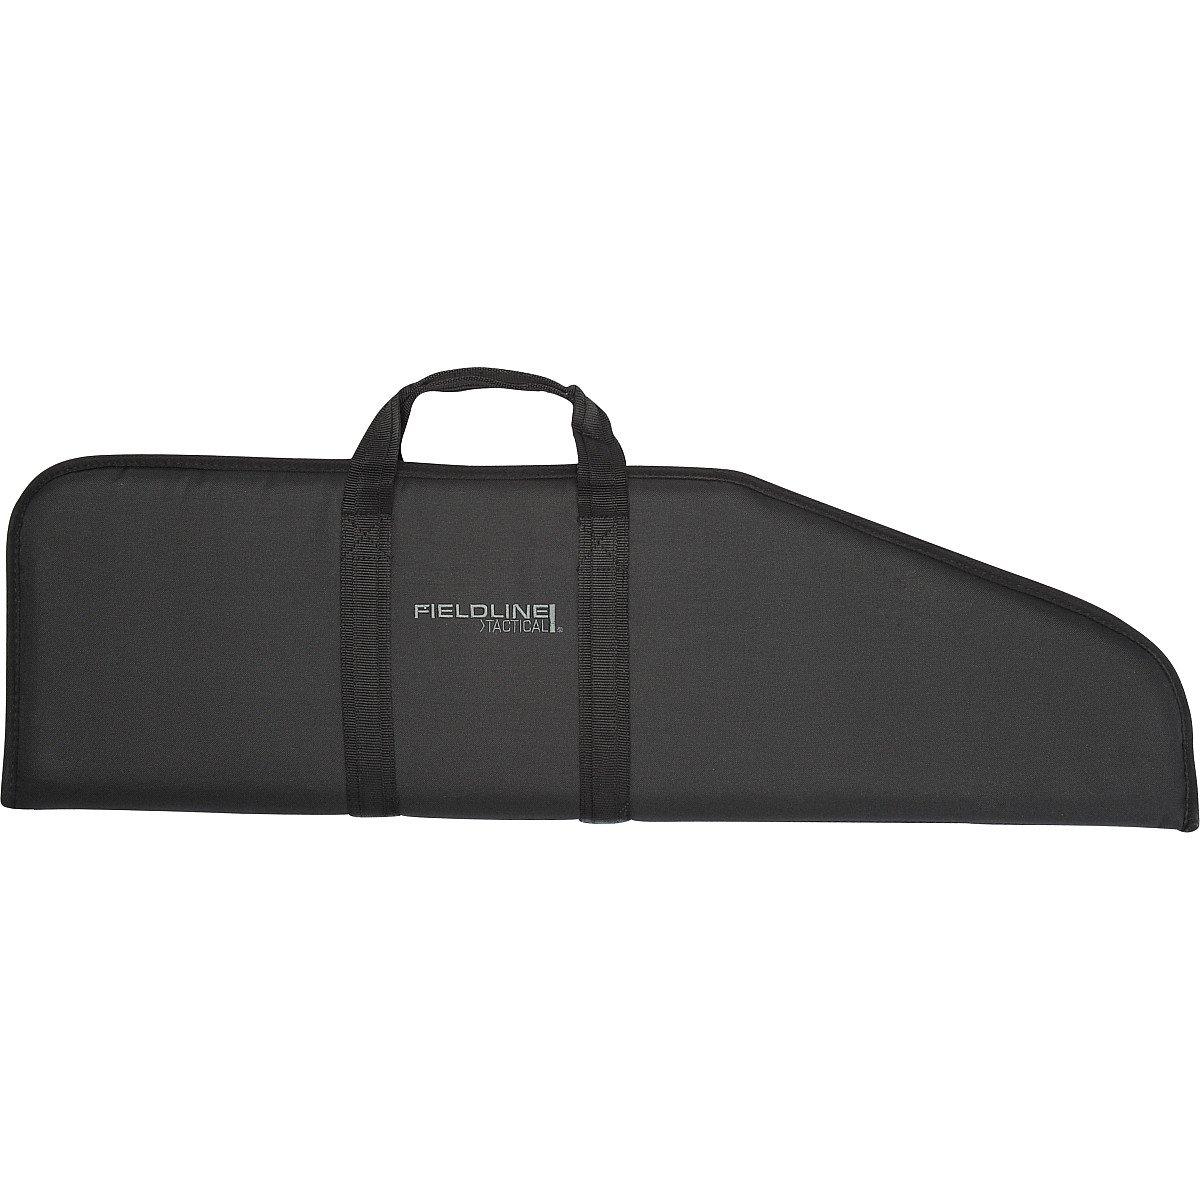 Fieldline Pro Series Striker Tactical Rifle Case, 34-Inch